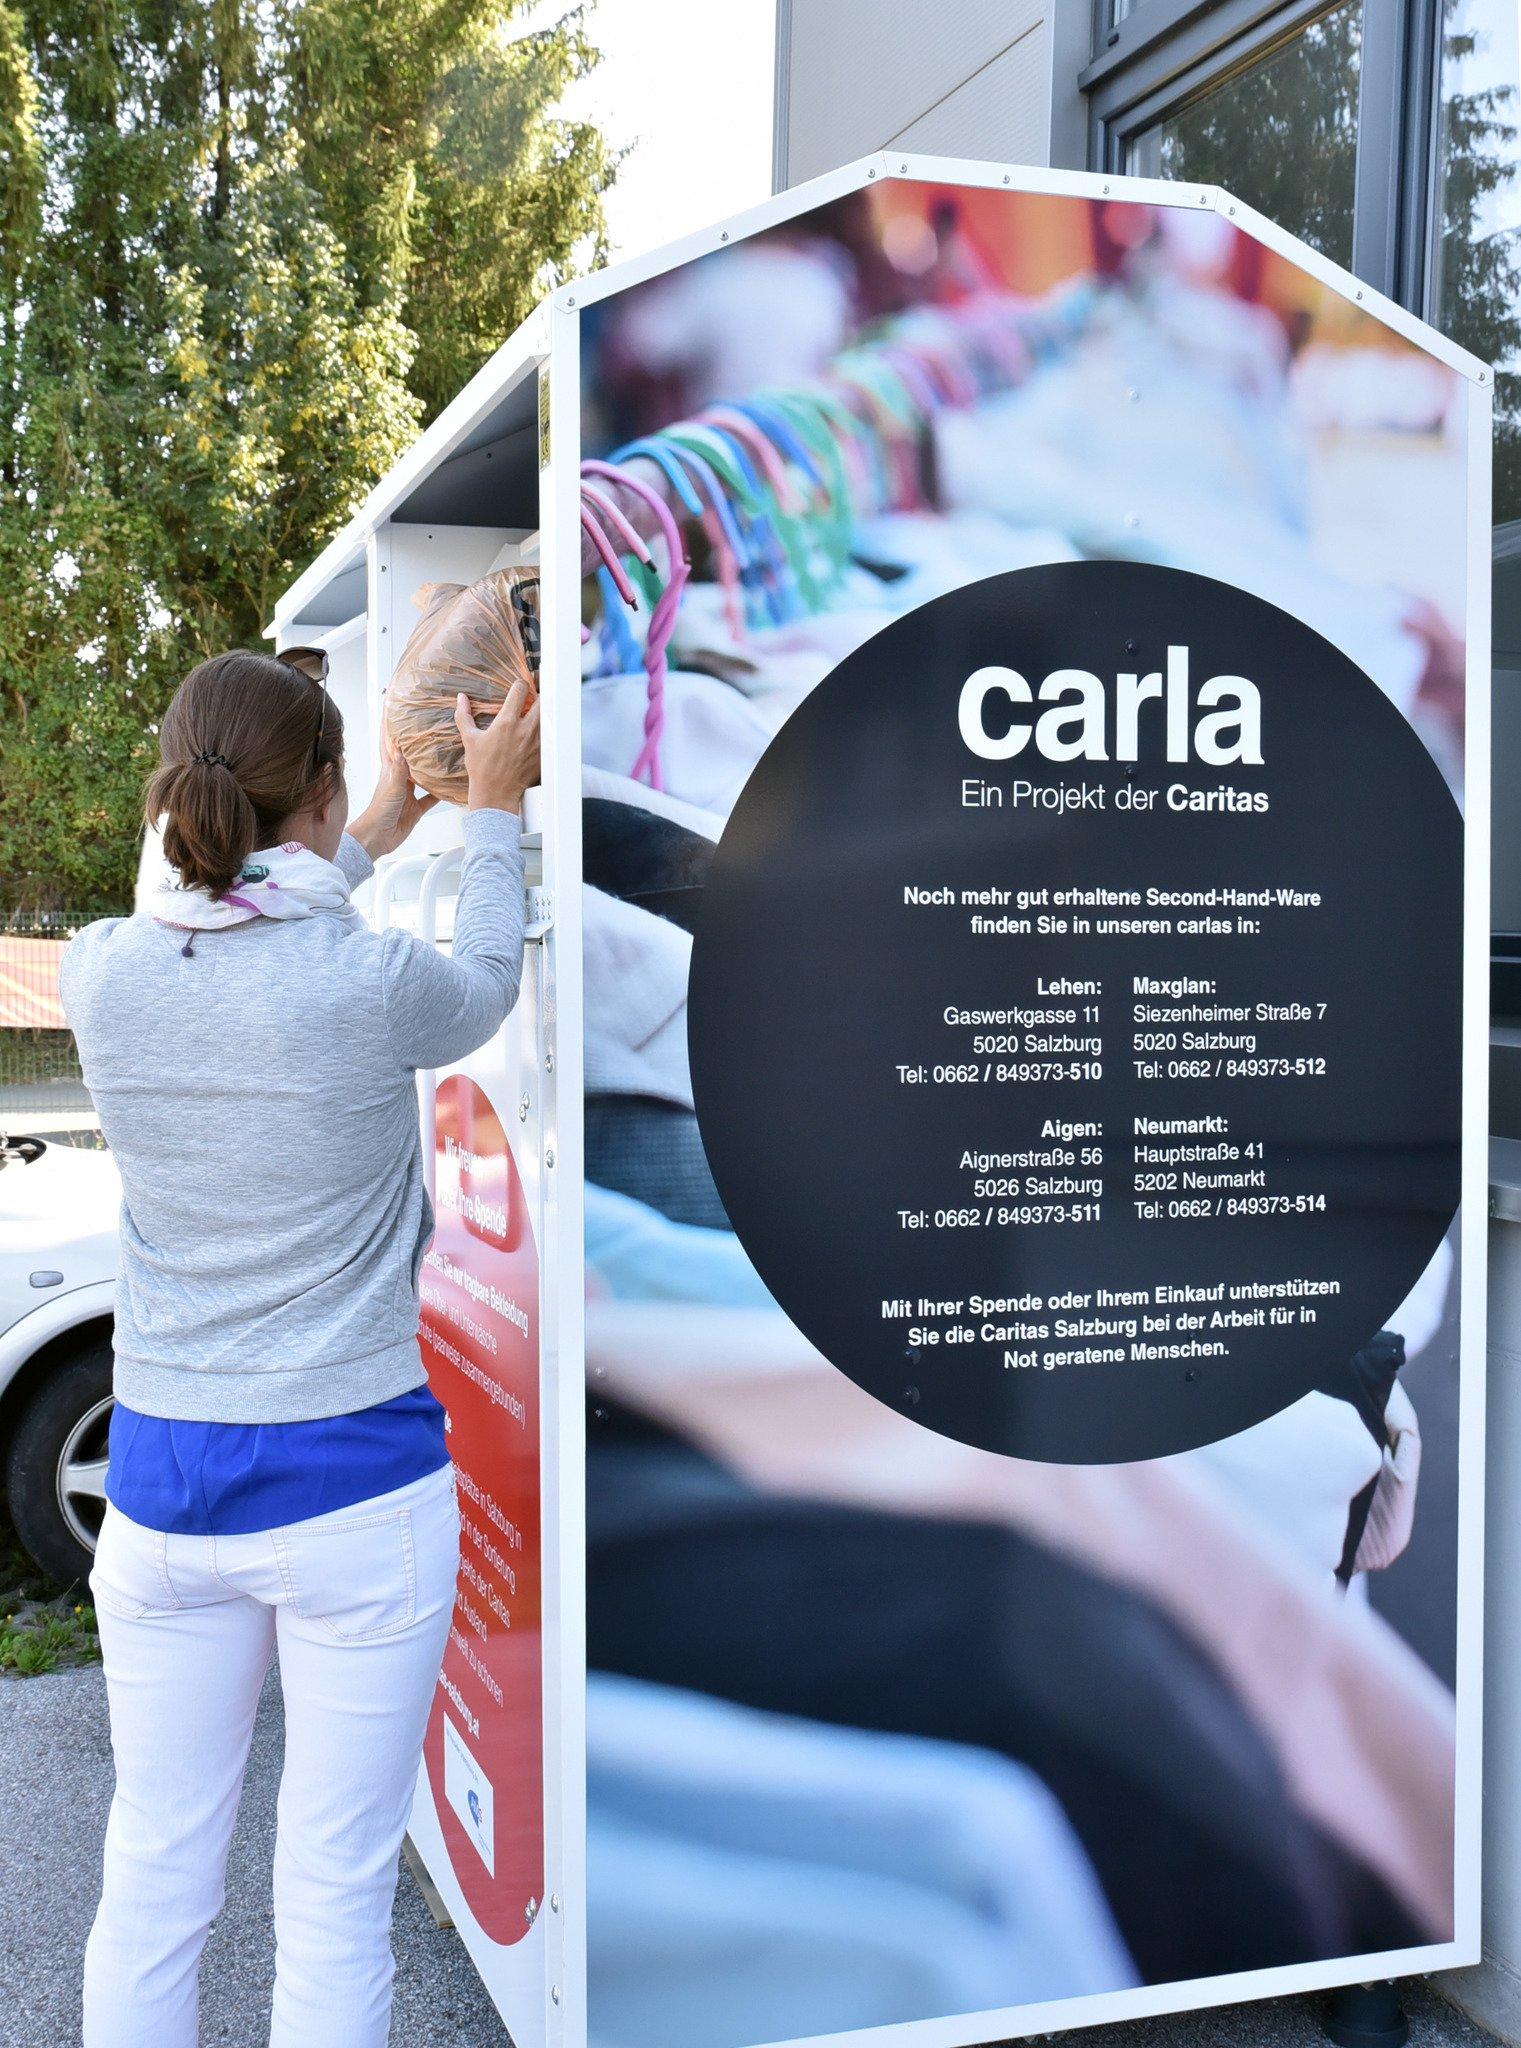 Auf diesem Bild sieht man eine Frau, die gerade Altkleidung in einen Sammelcontainer der carla wirft.